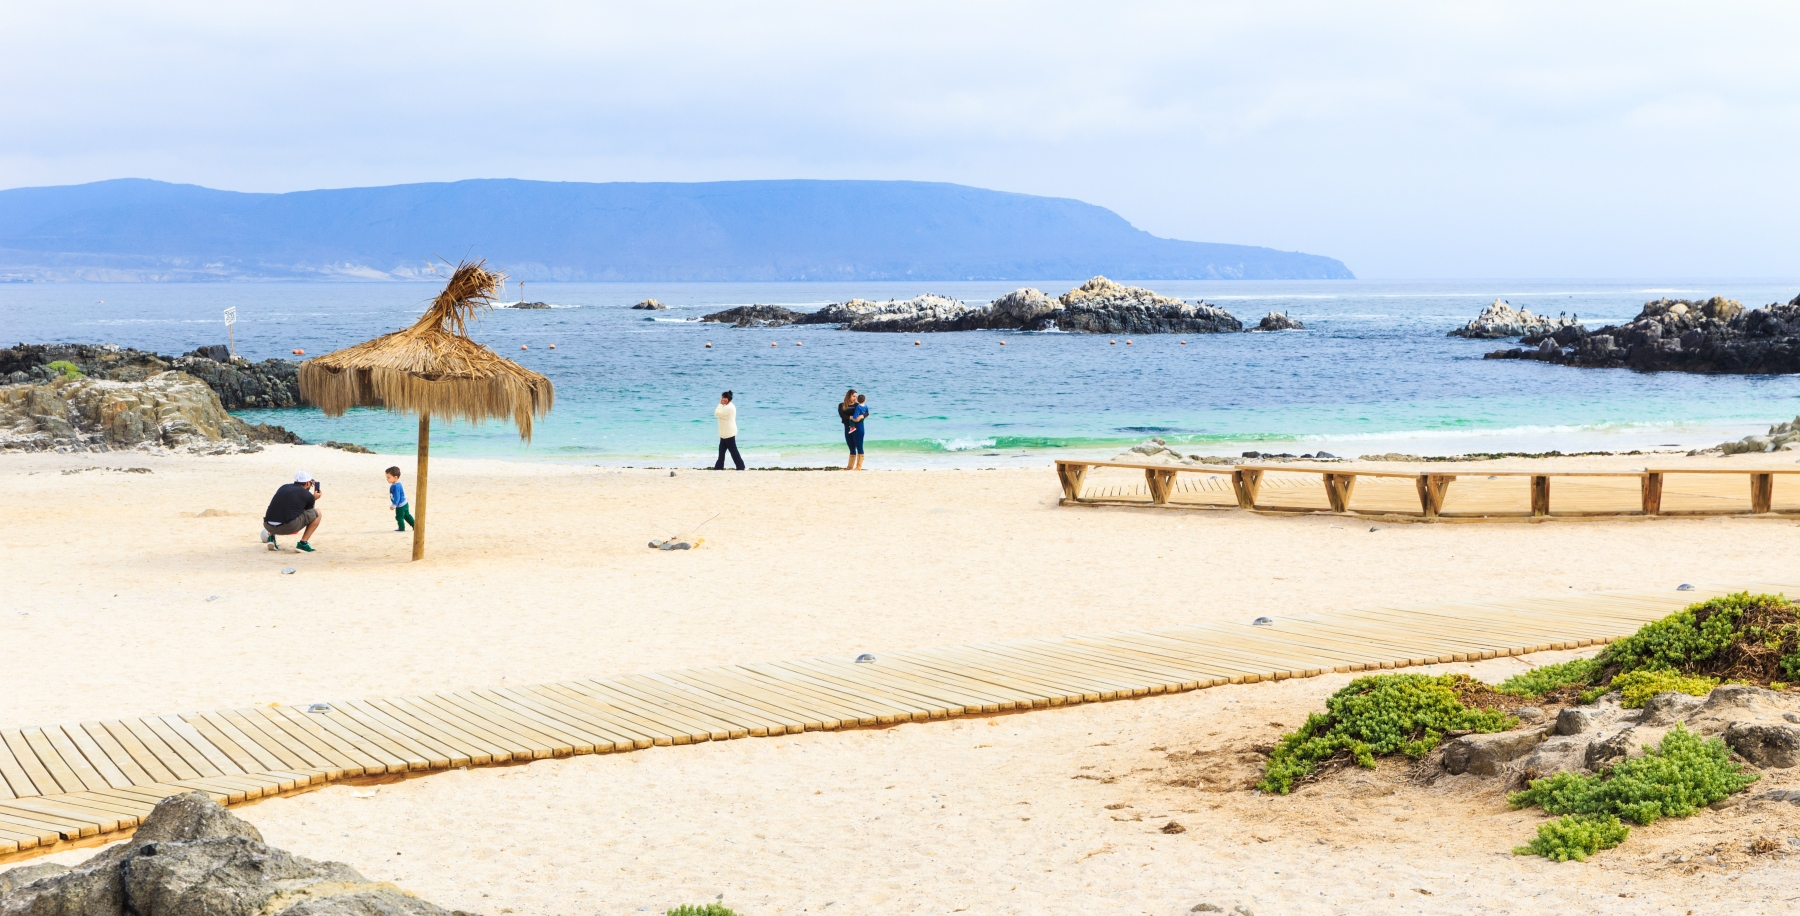 Imagen de la playa de Bahía Inglesa